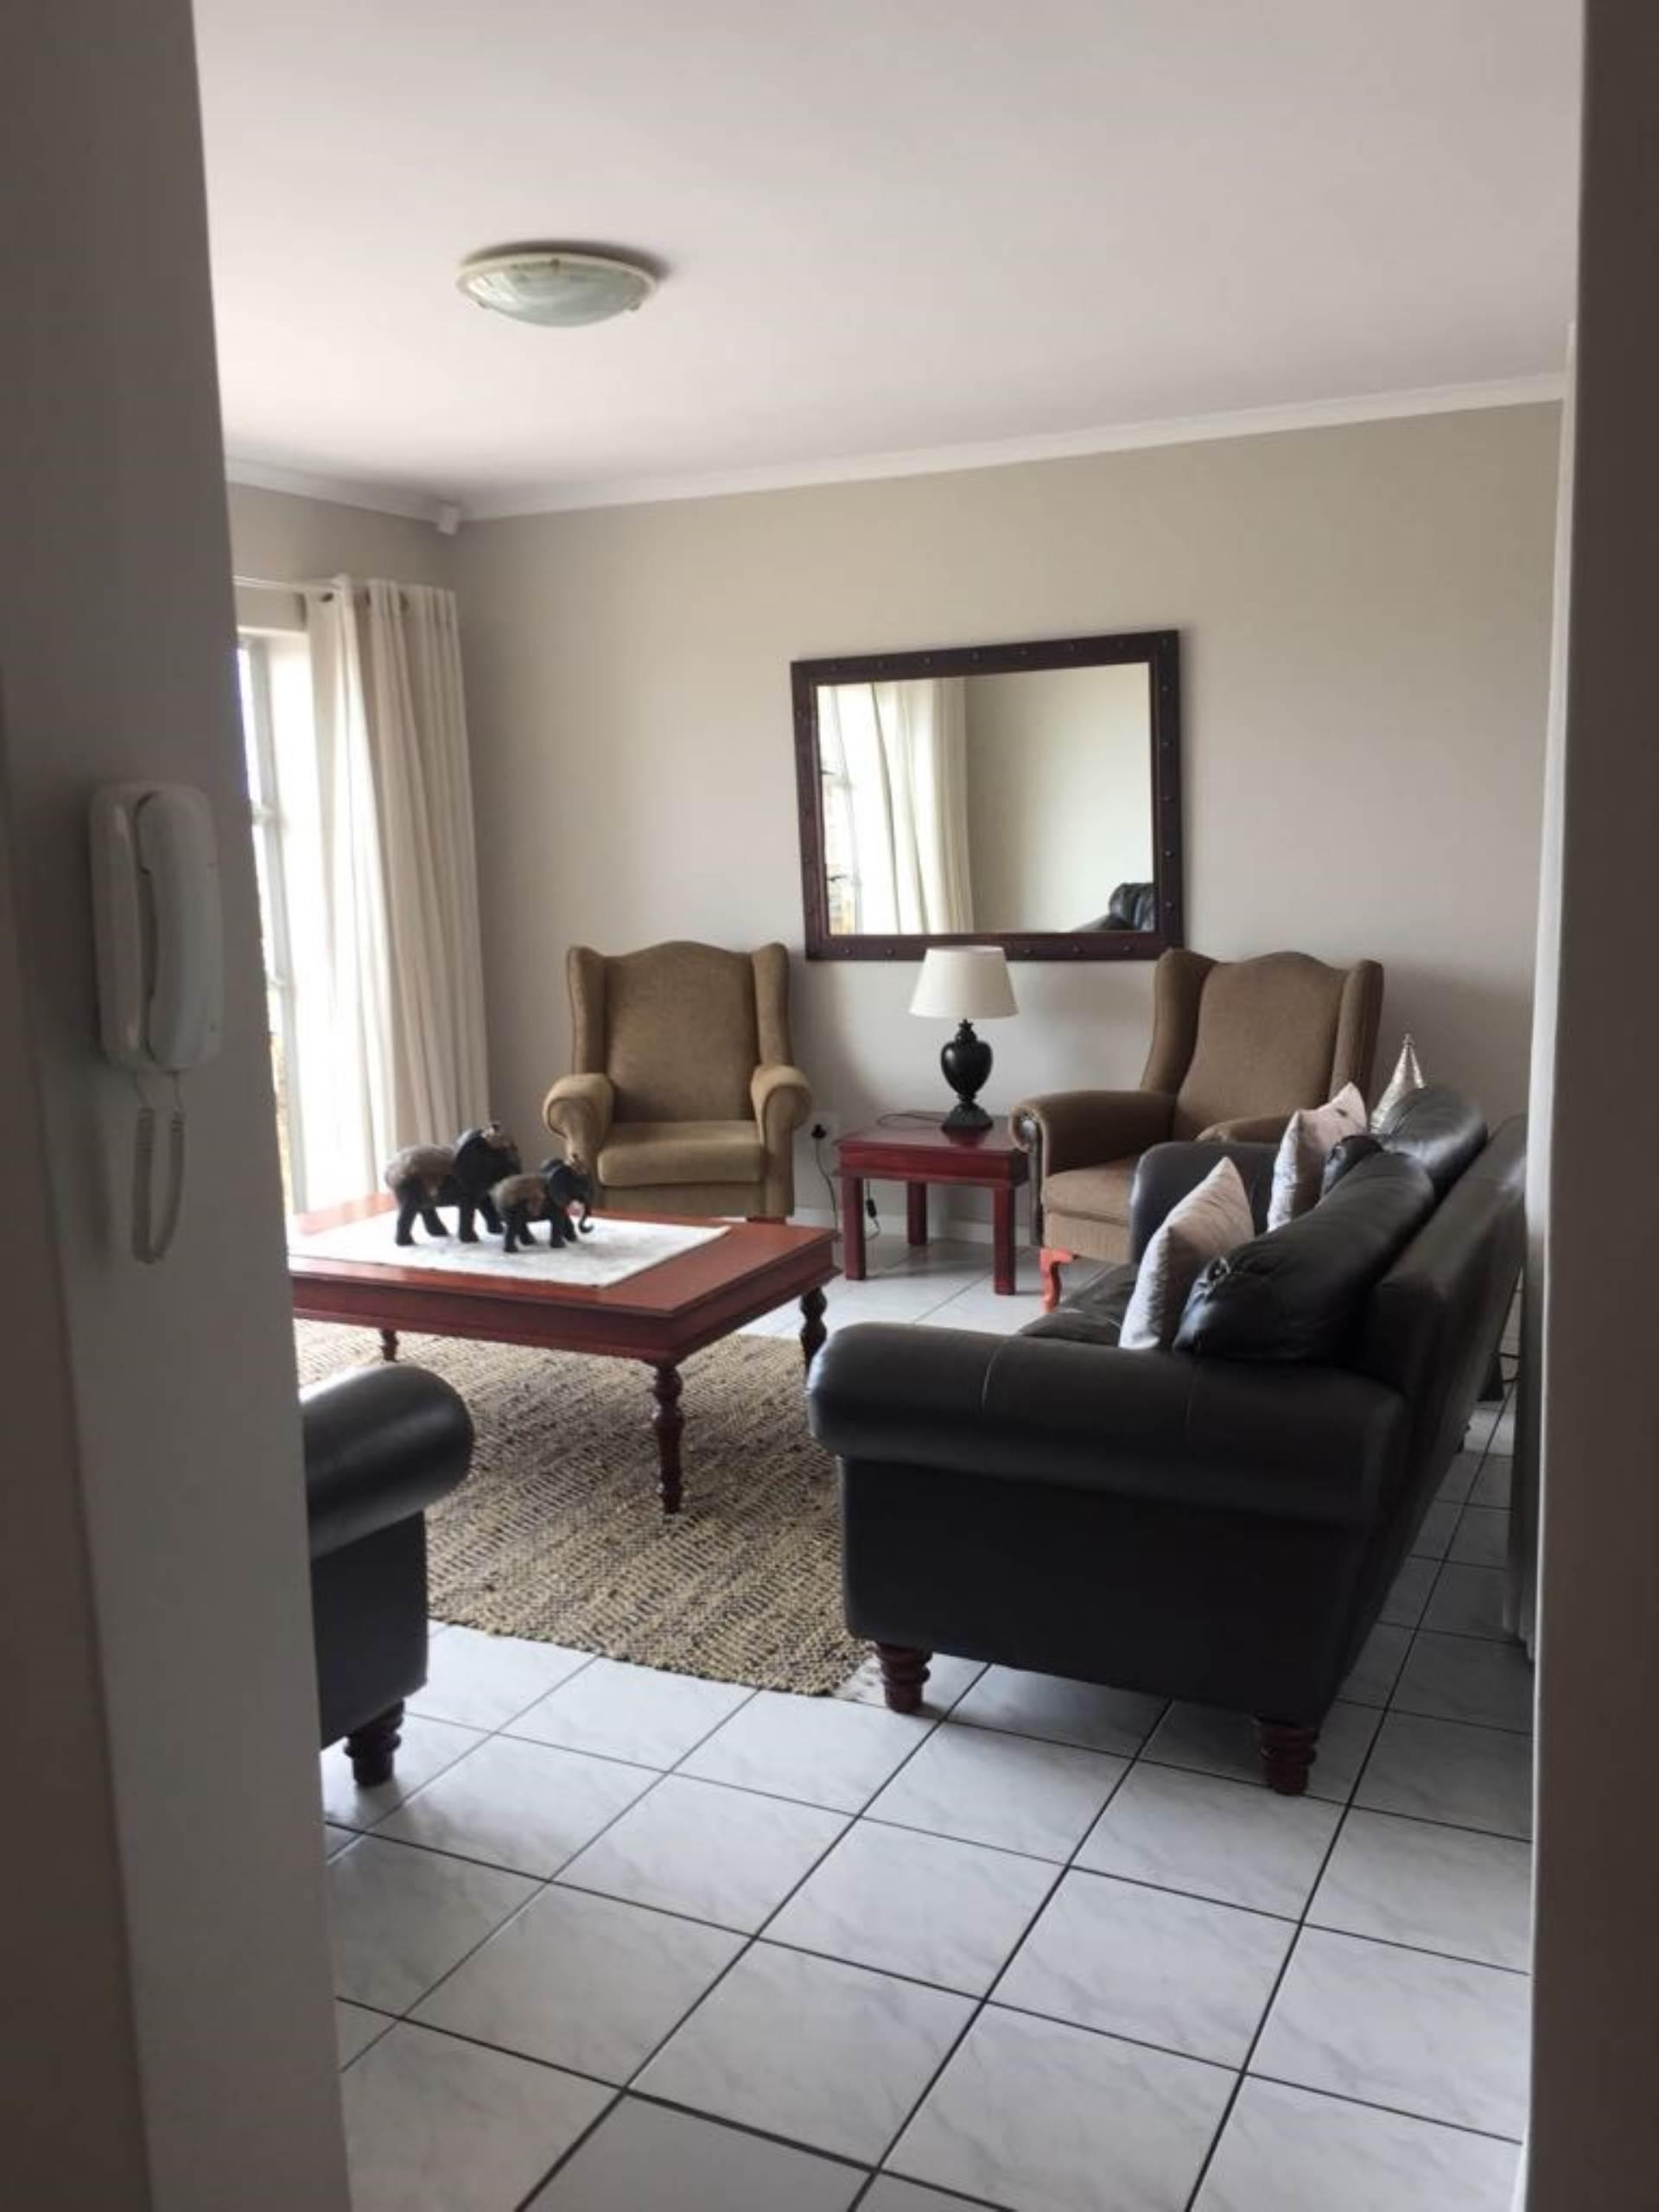 3 BedroomHouse To Rent In Plattekloof